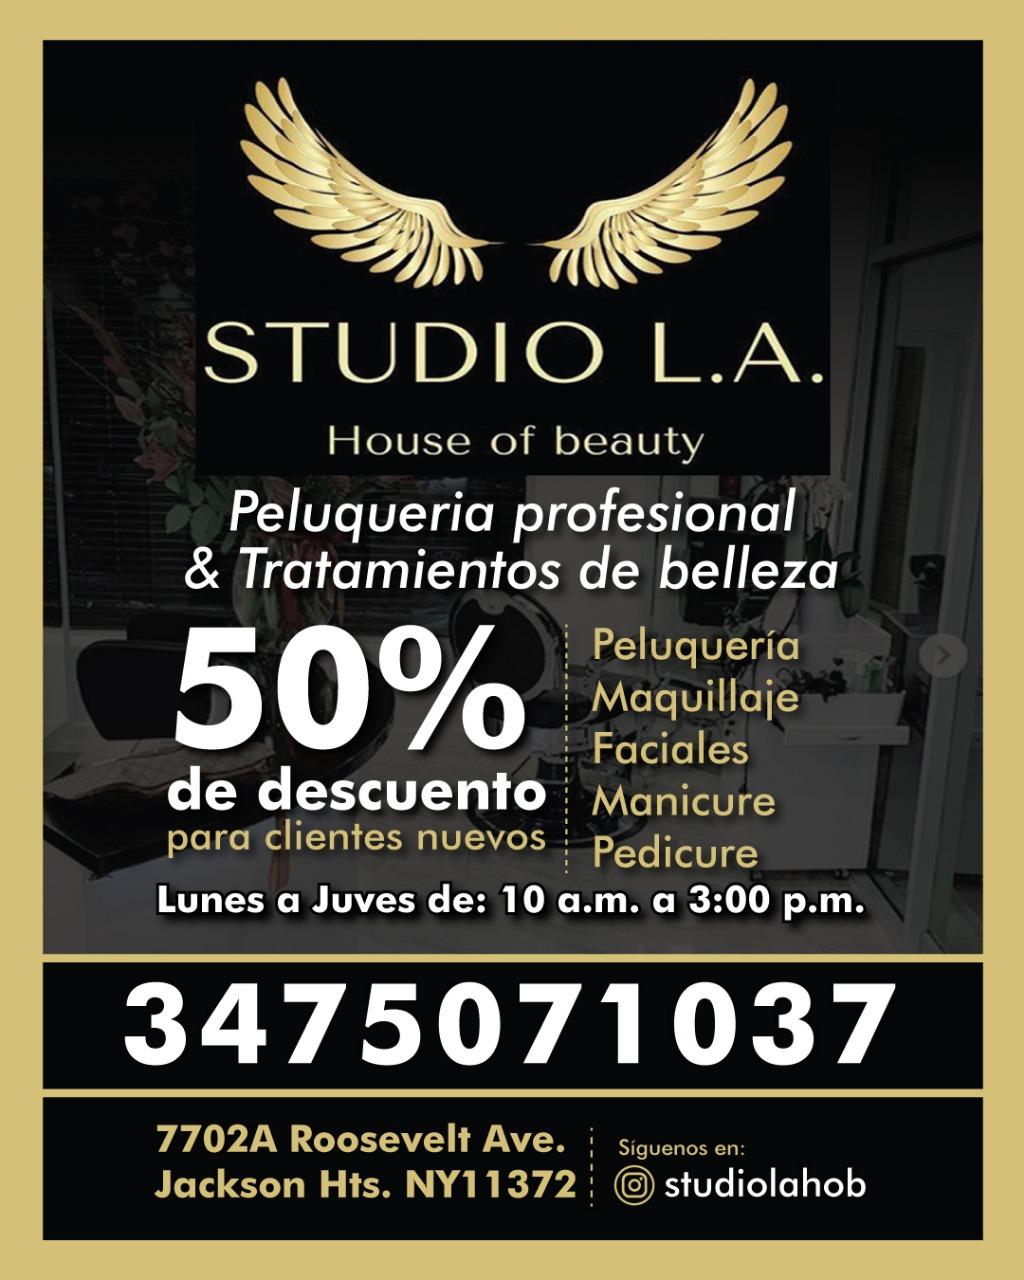 STUDIO L.A.